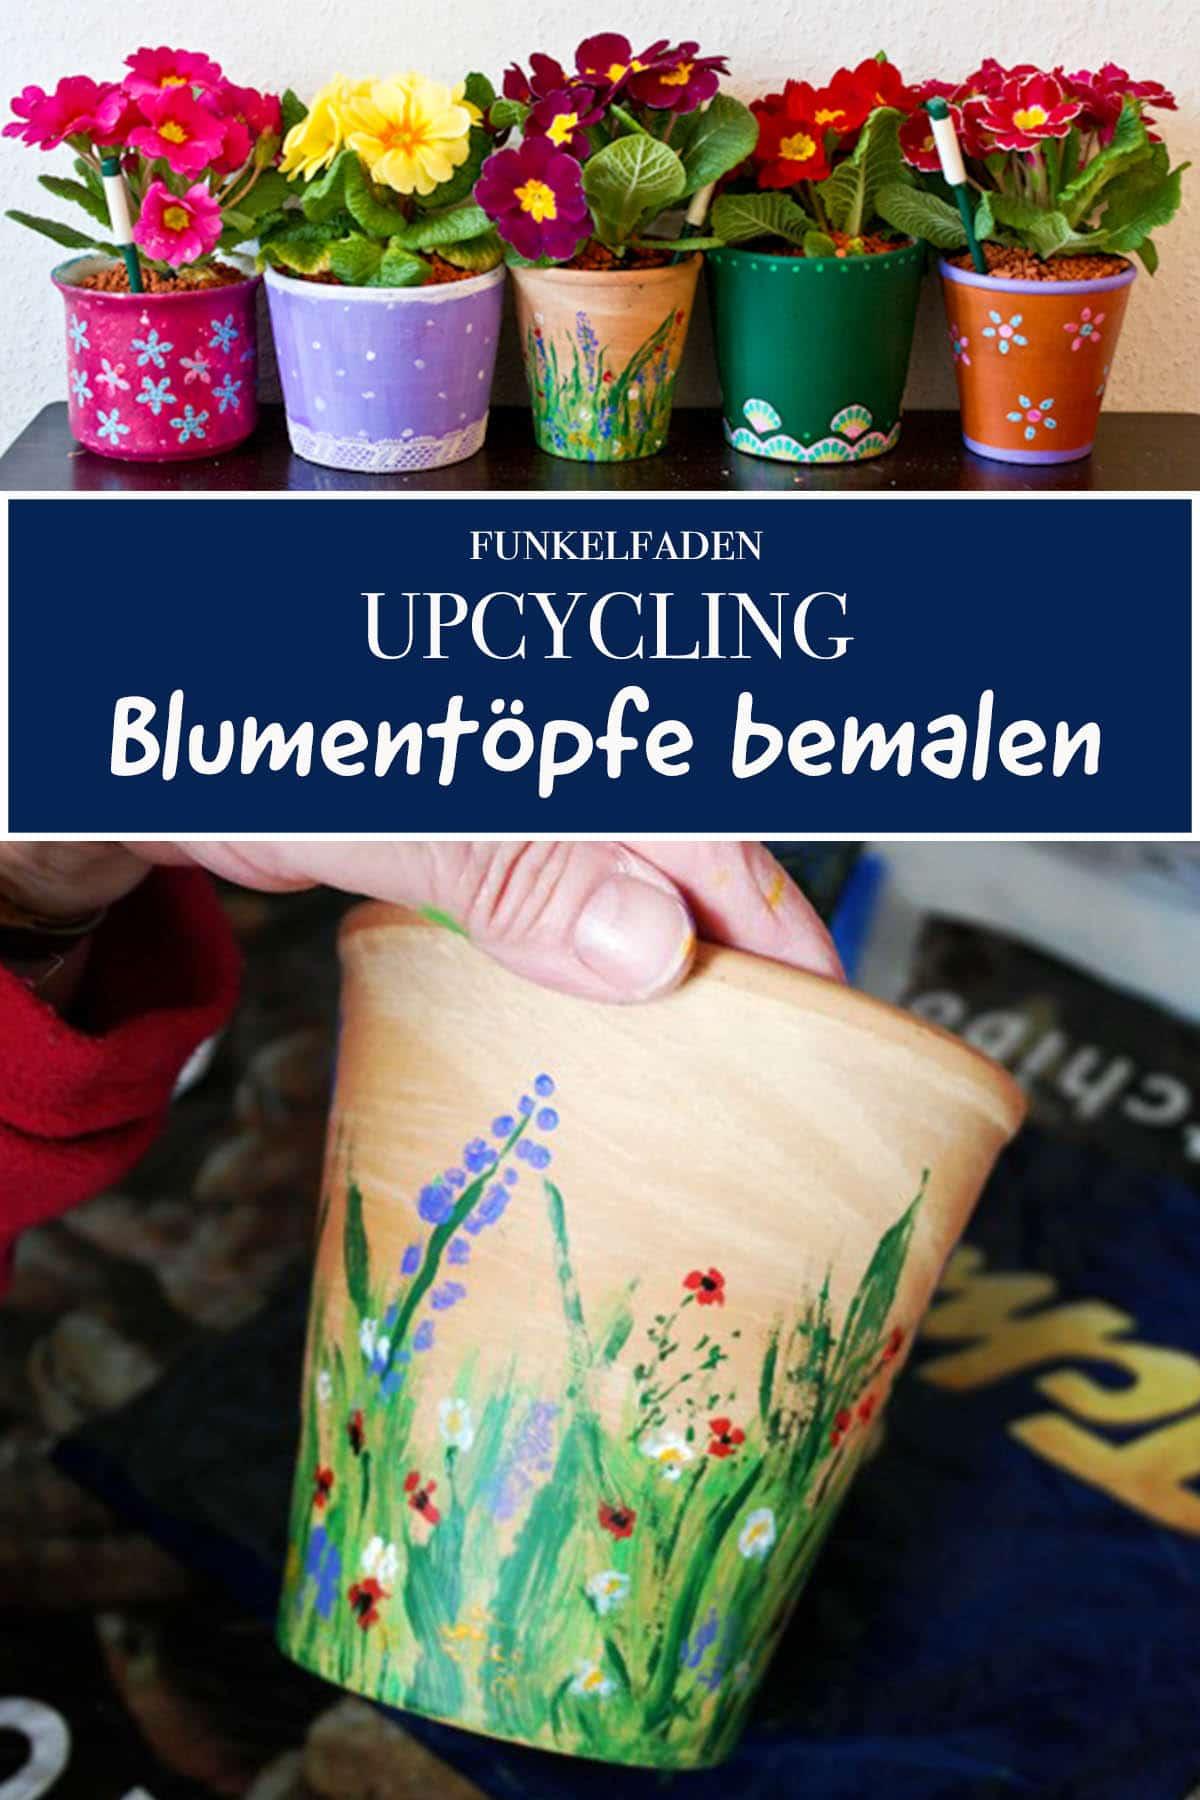 Upcycling - Blumentöpfe bemalen - Alte Blumentöpfe mit Acrylfarben anmalen